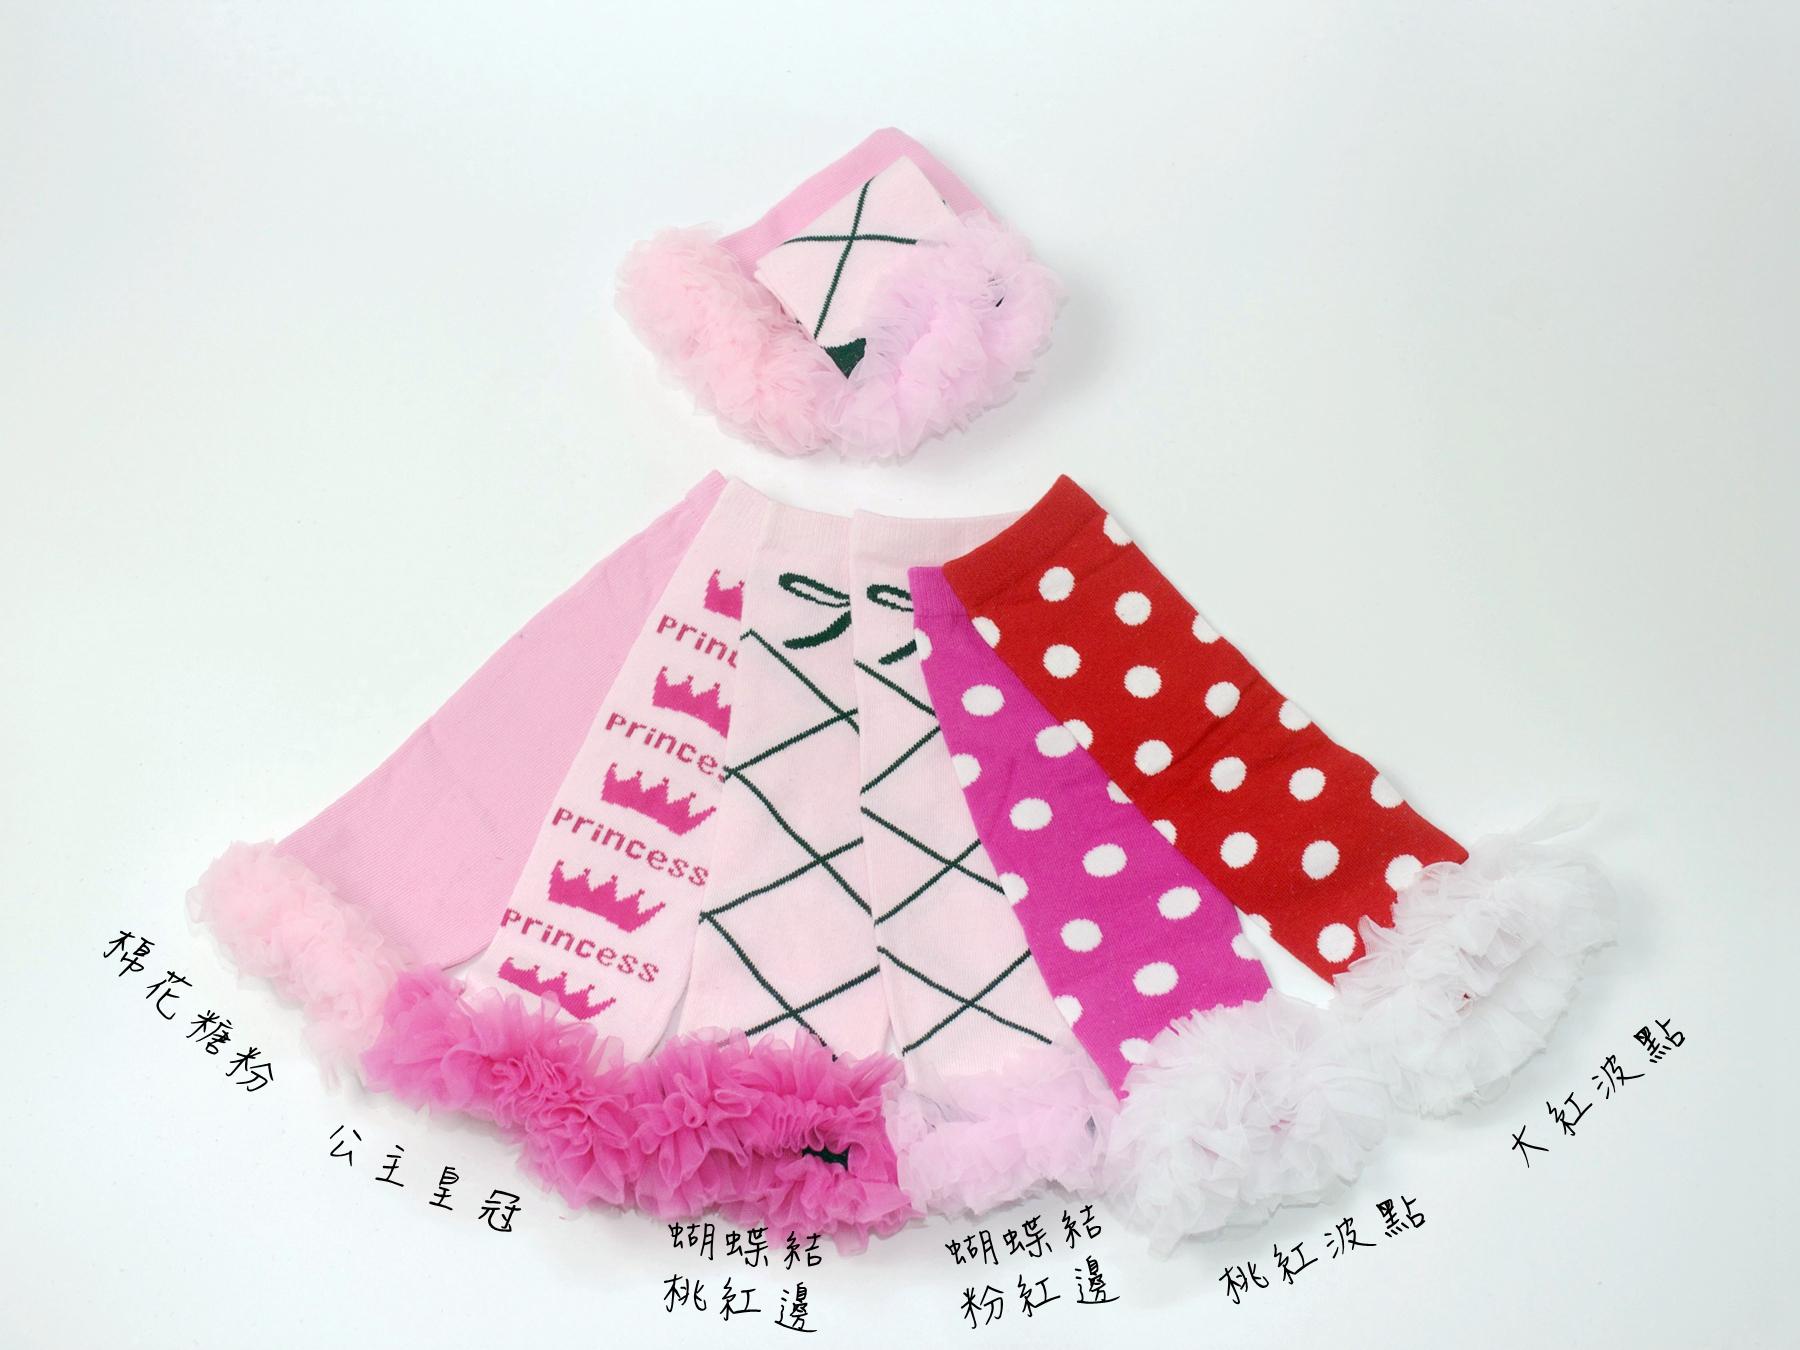 如遇公主皇冠款襪套缺貨,將以其他同色系款式替代